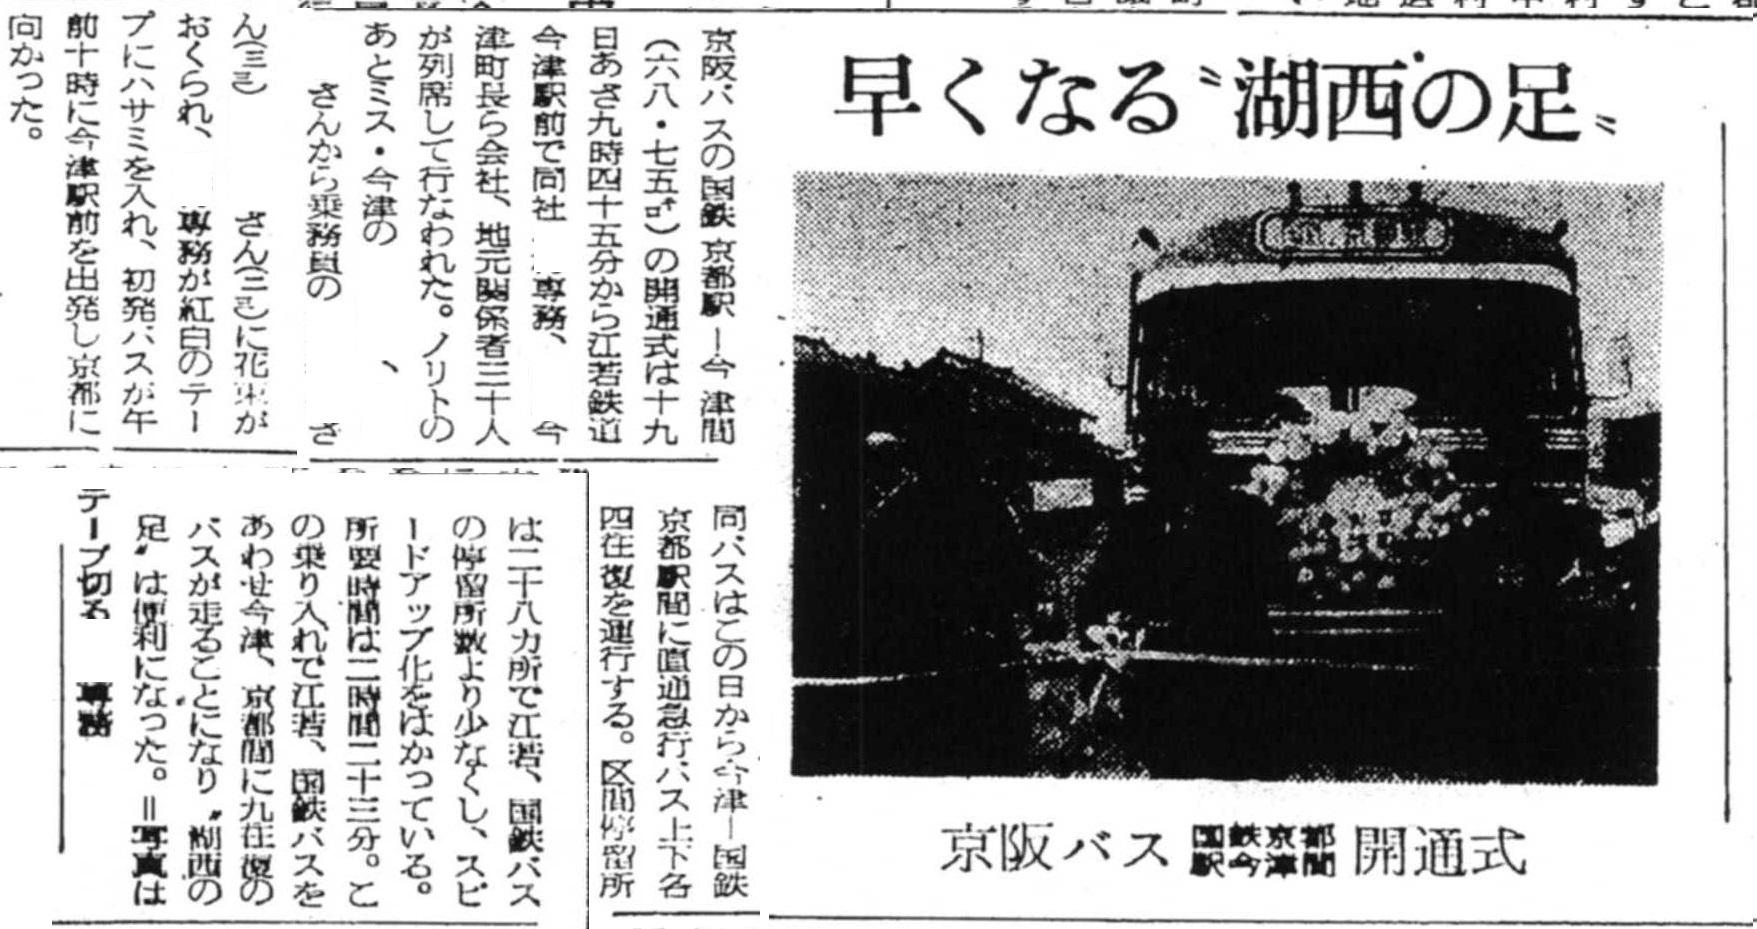 S37.5.20K1S 京都今津線開通b